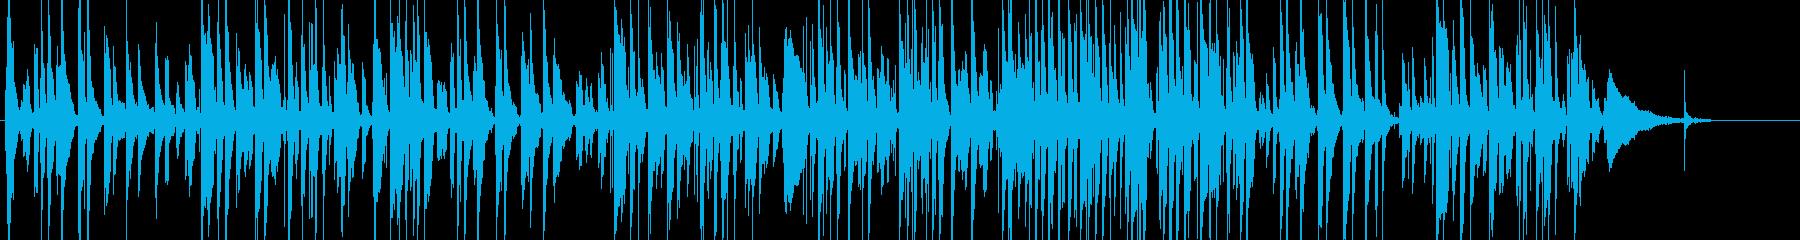 スタンダードナンバーのギターソロアレンジの再生済みの波形